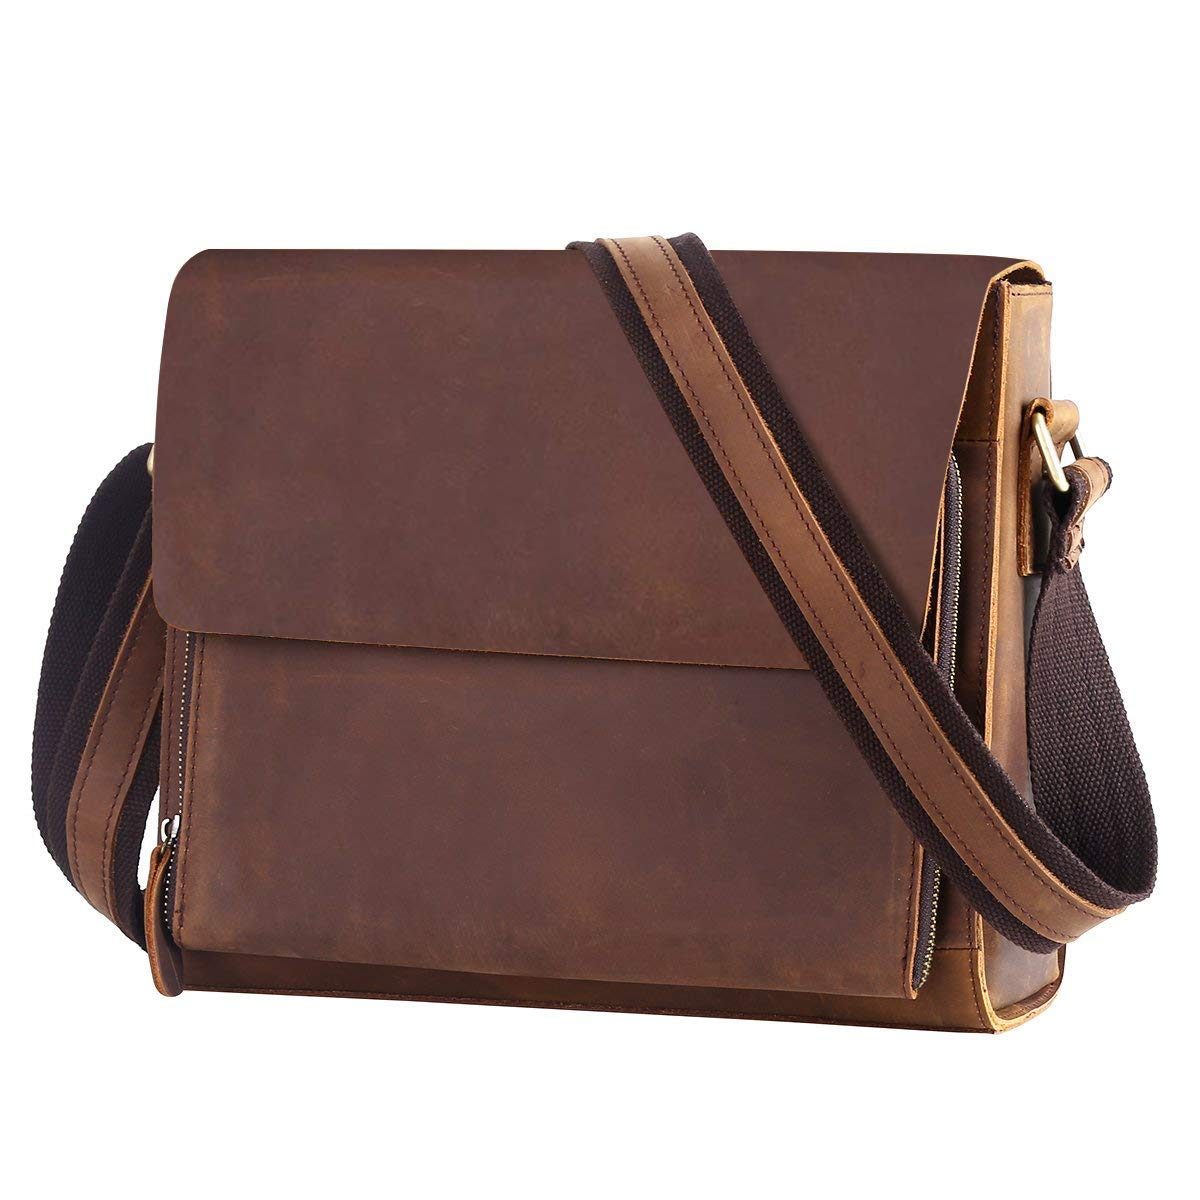 39e8d875da Leathario Borsa a Tracolla in Pelle da Uomo per Lavoro Messenger Bag a Spalla  Retro Porta PC Laptop 14 inch per Universita' Marrone: Amazon.it: Valigeria